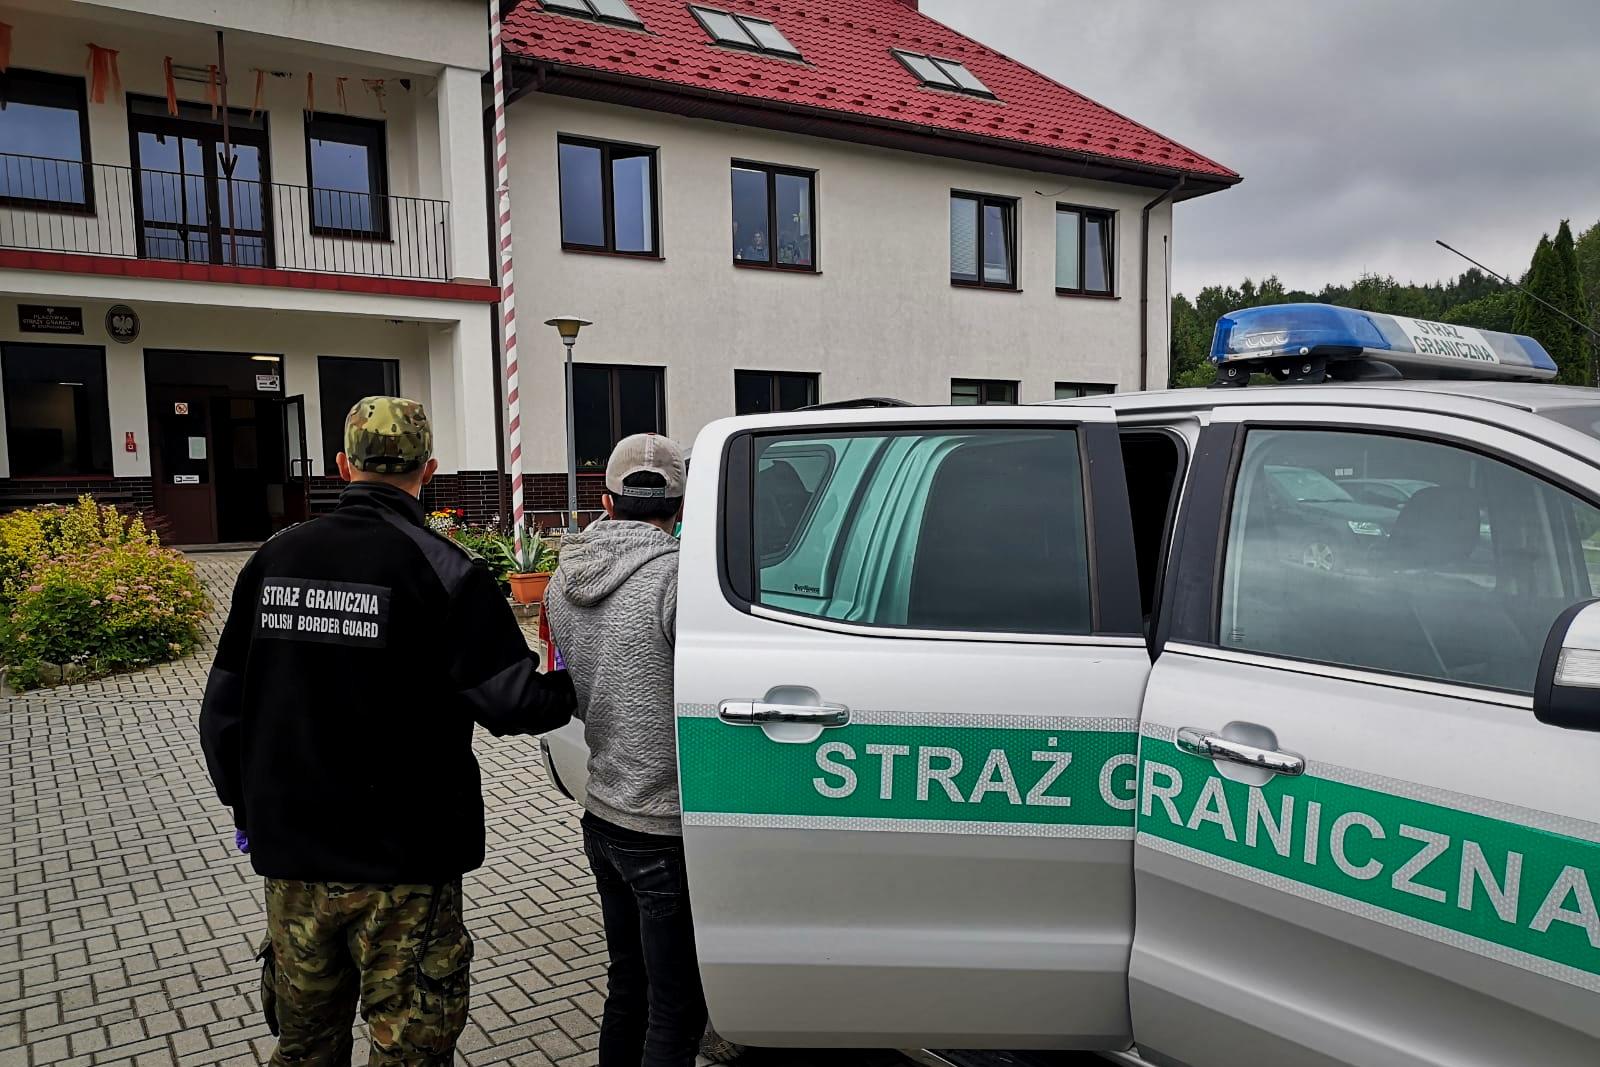 Trzej obywatele Turcji  zostali zatrzymani w Bieszczadach  - Zdjęcie główne